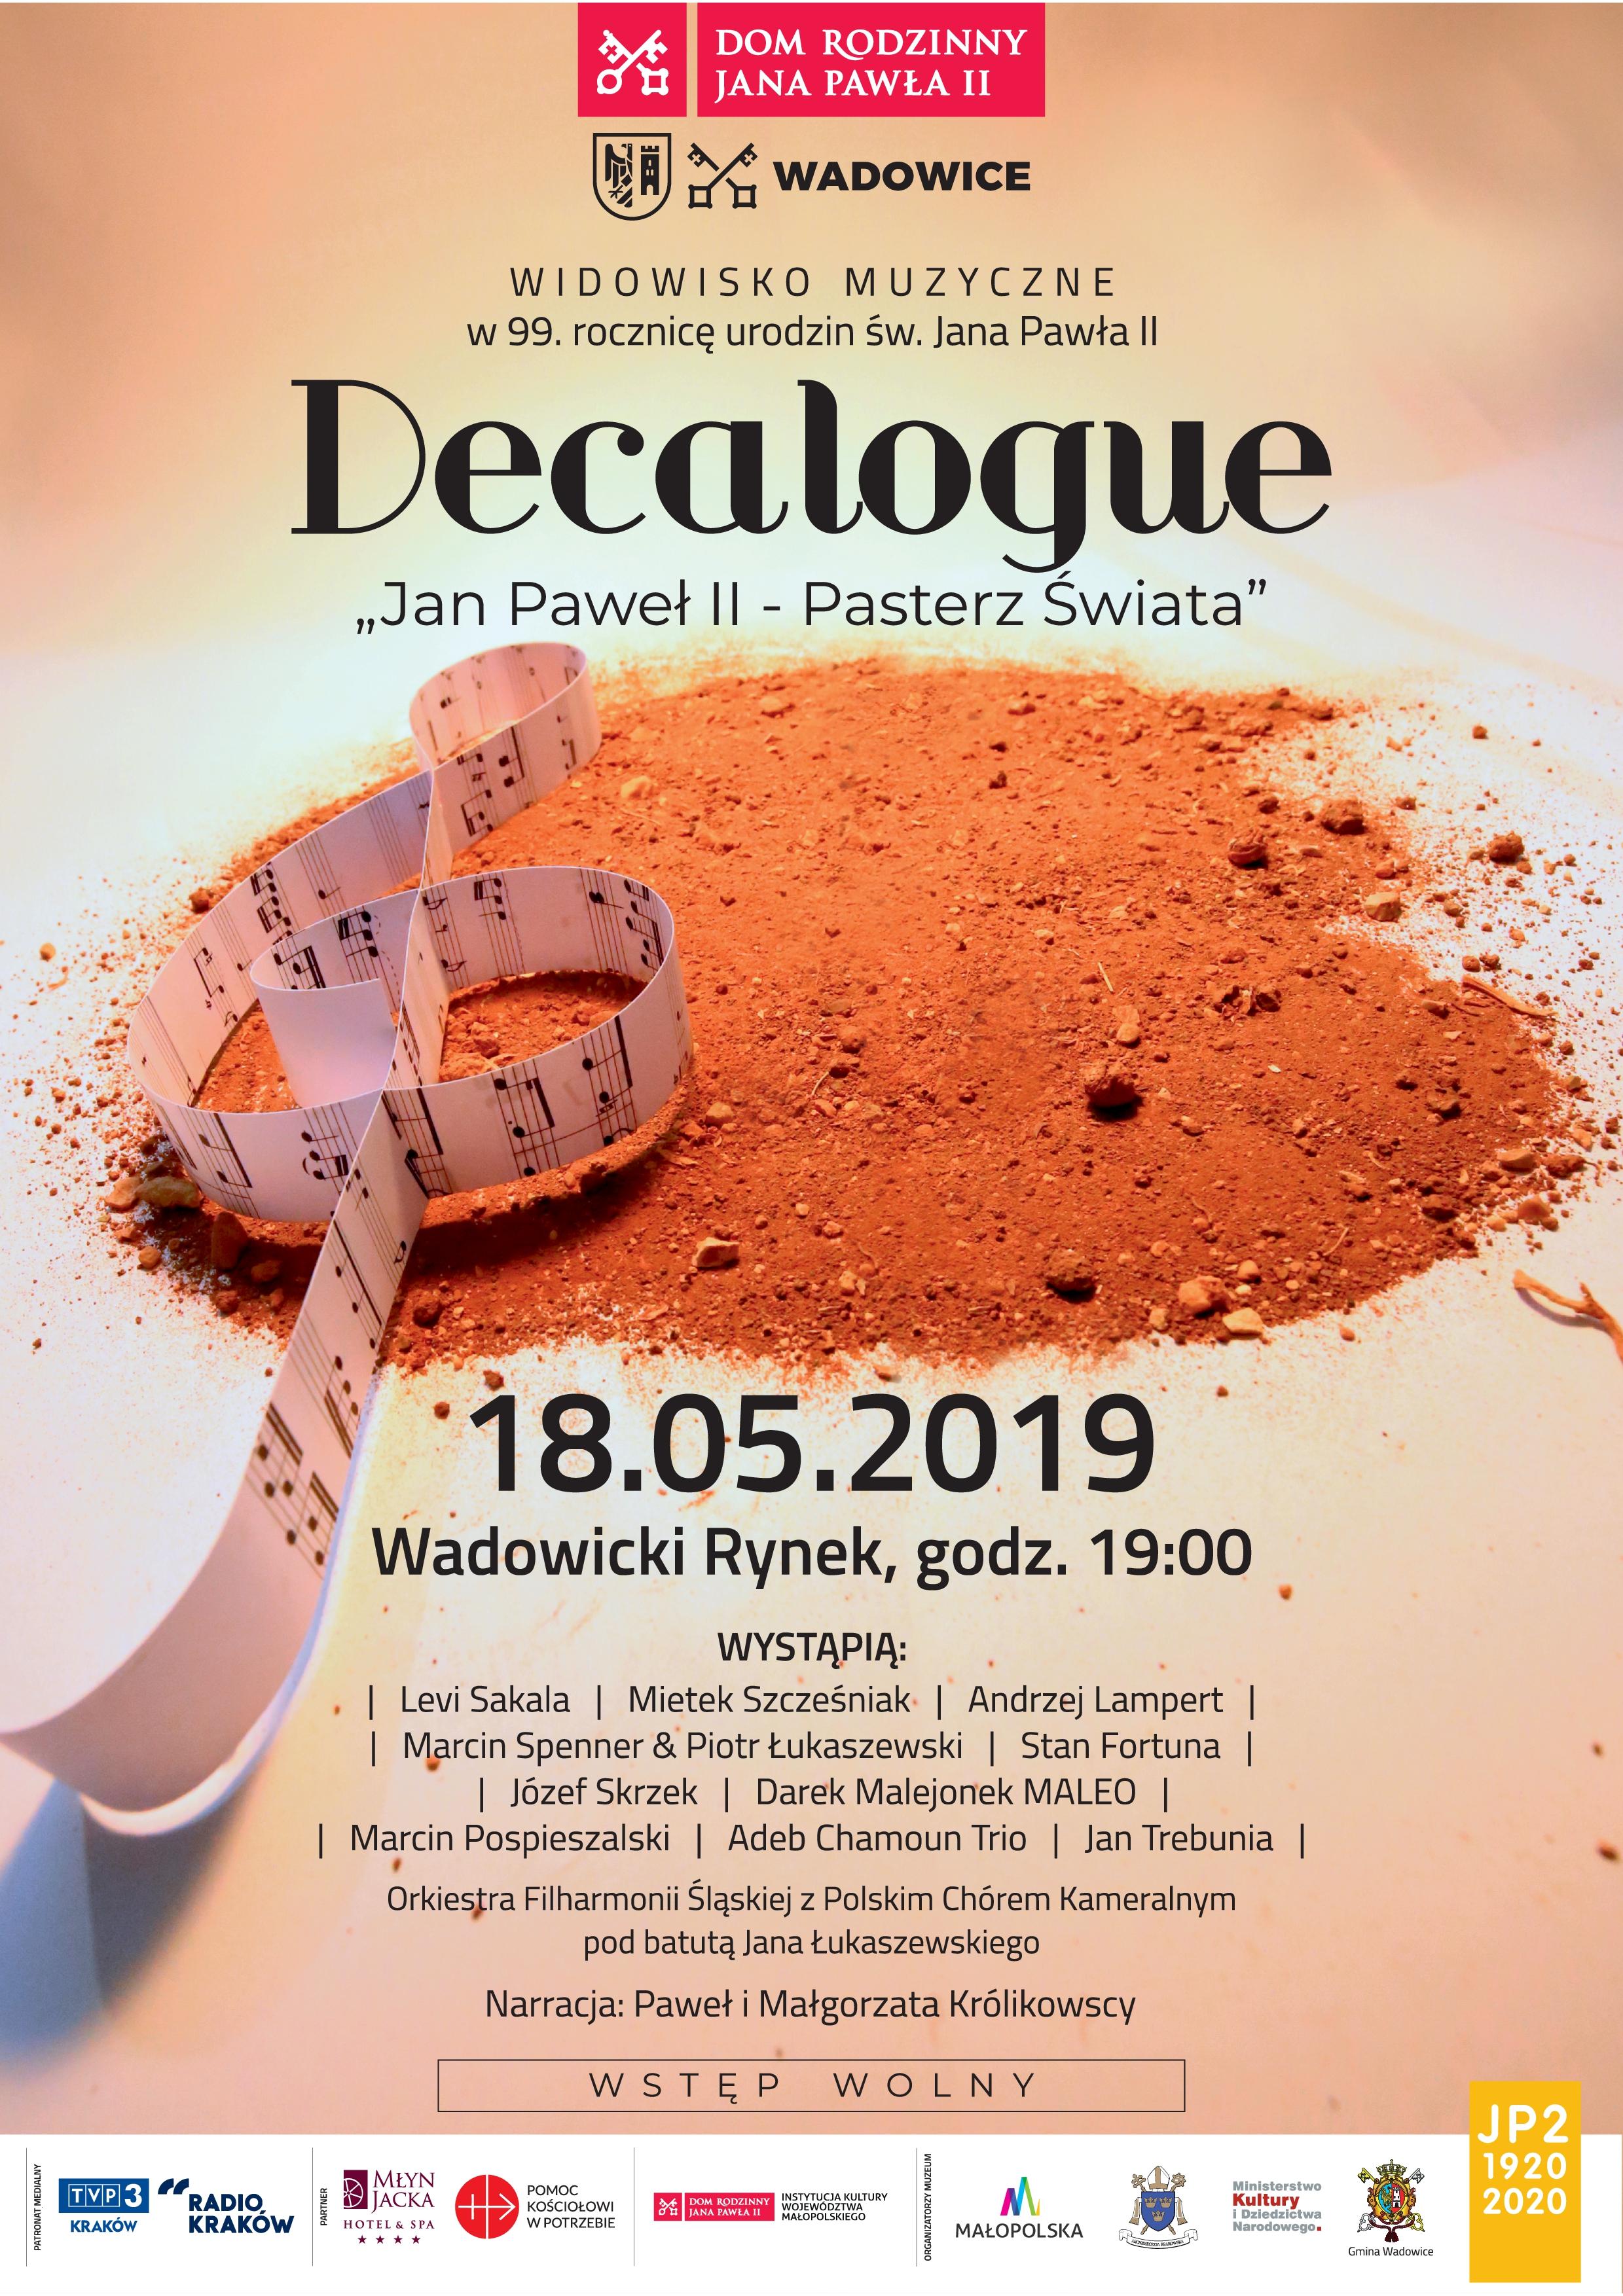 99. urodziny Jana Pawła II w Wadowicach